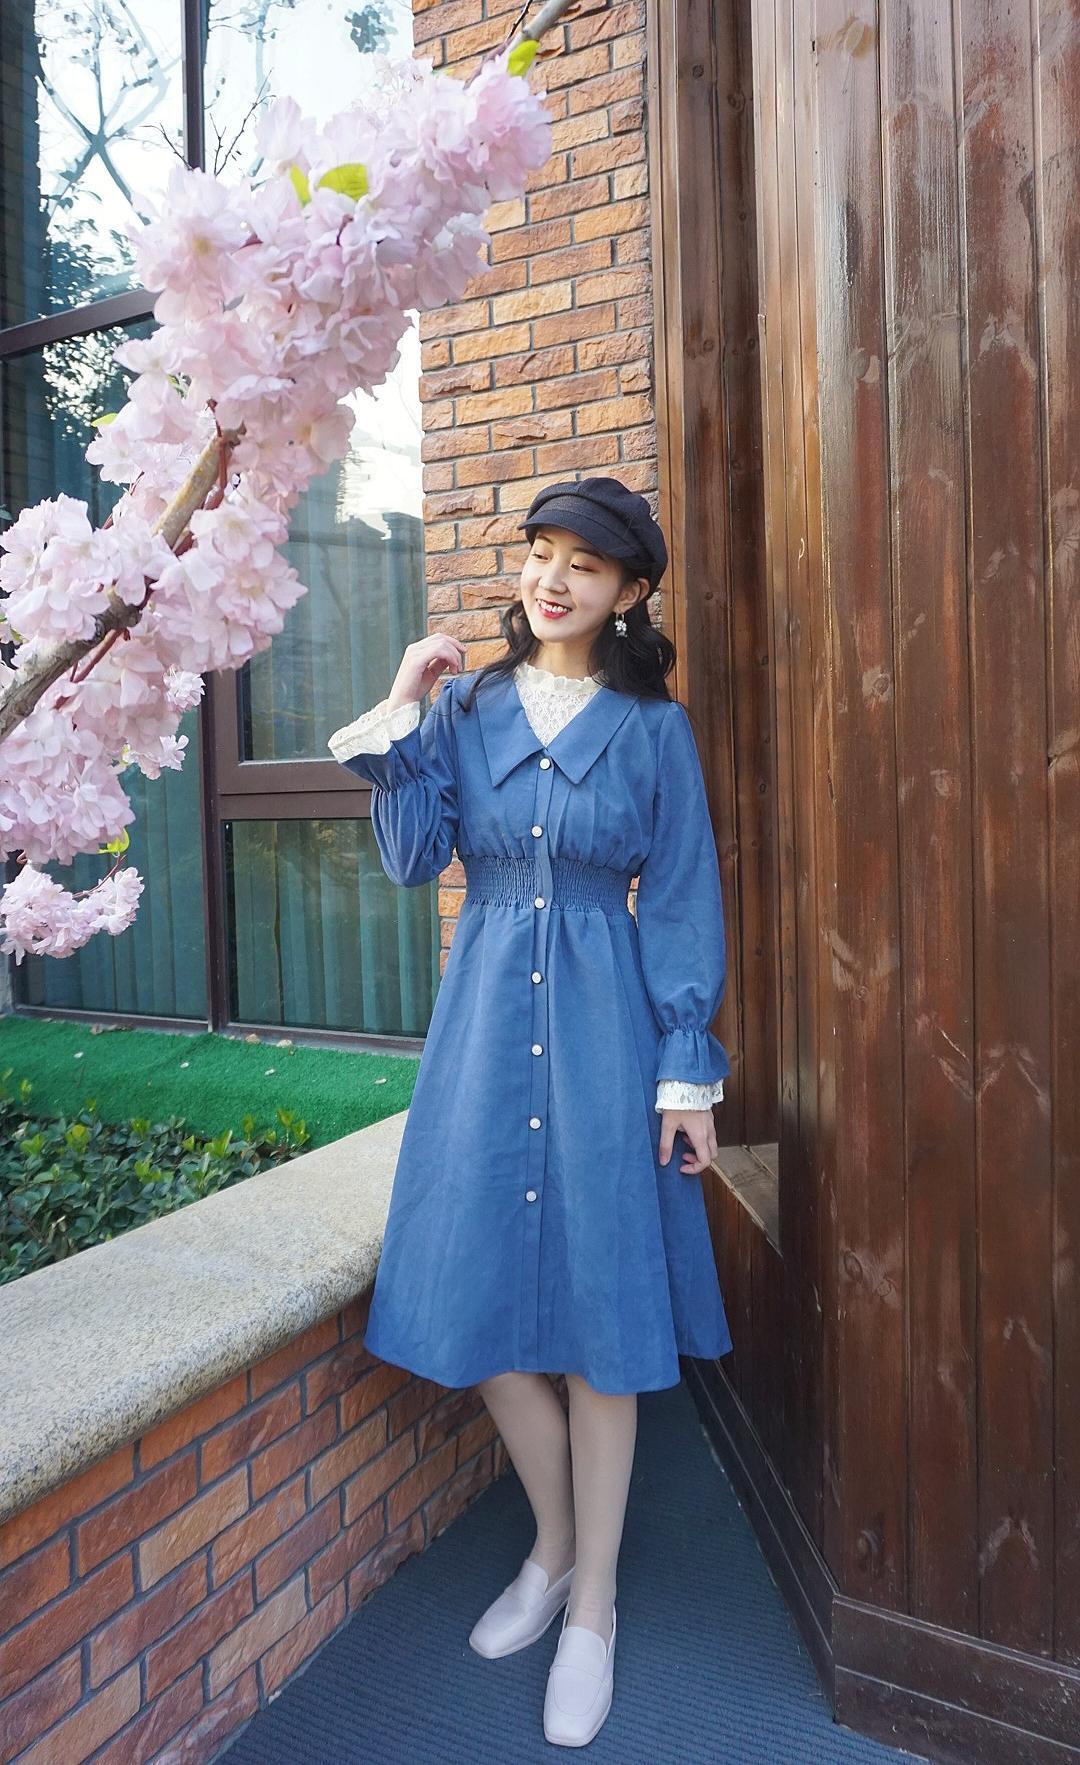 《赫本风法式连衣裙》这款连衣裙的颜色干净又温柔,针织蕾丝边非常洋气,轻复古法式赫本风连衣裙,上身少女感十足~推荐给仙女们#开春第一波上新#